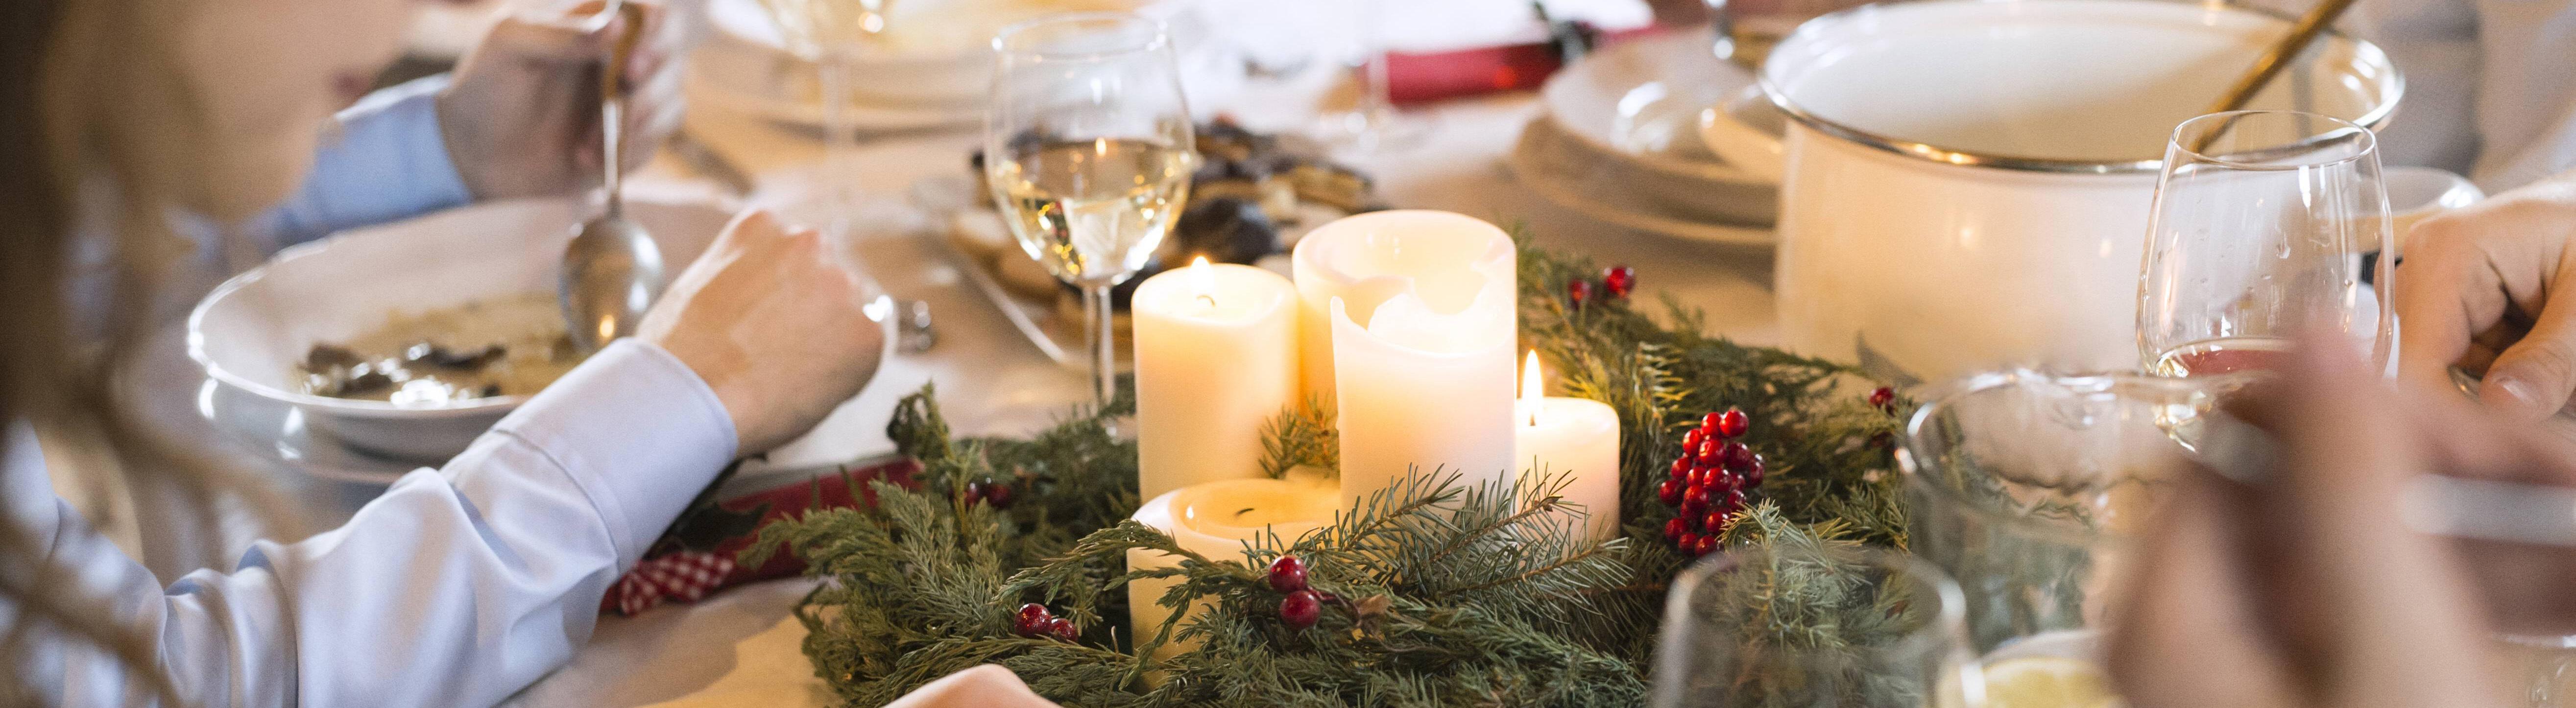 Familie am gedeckten Weihnachtstisch